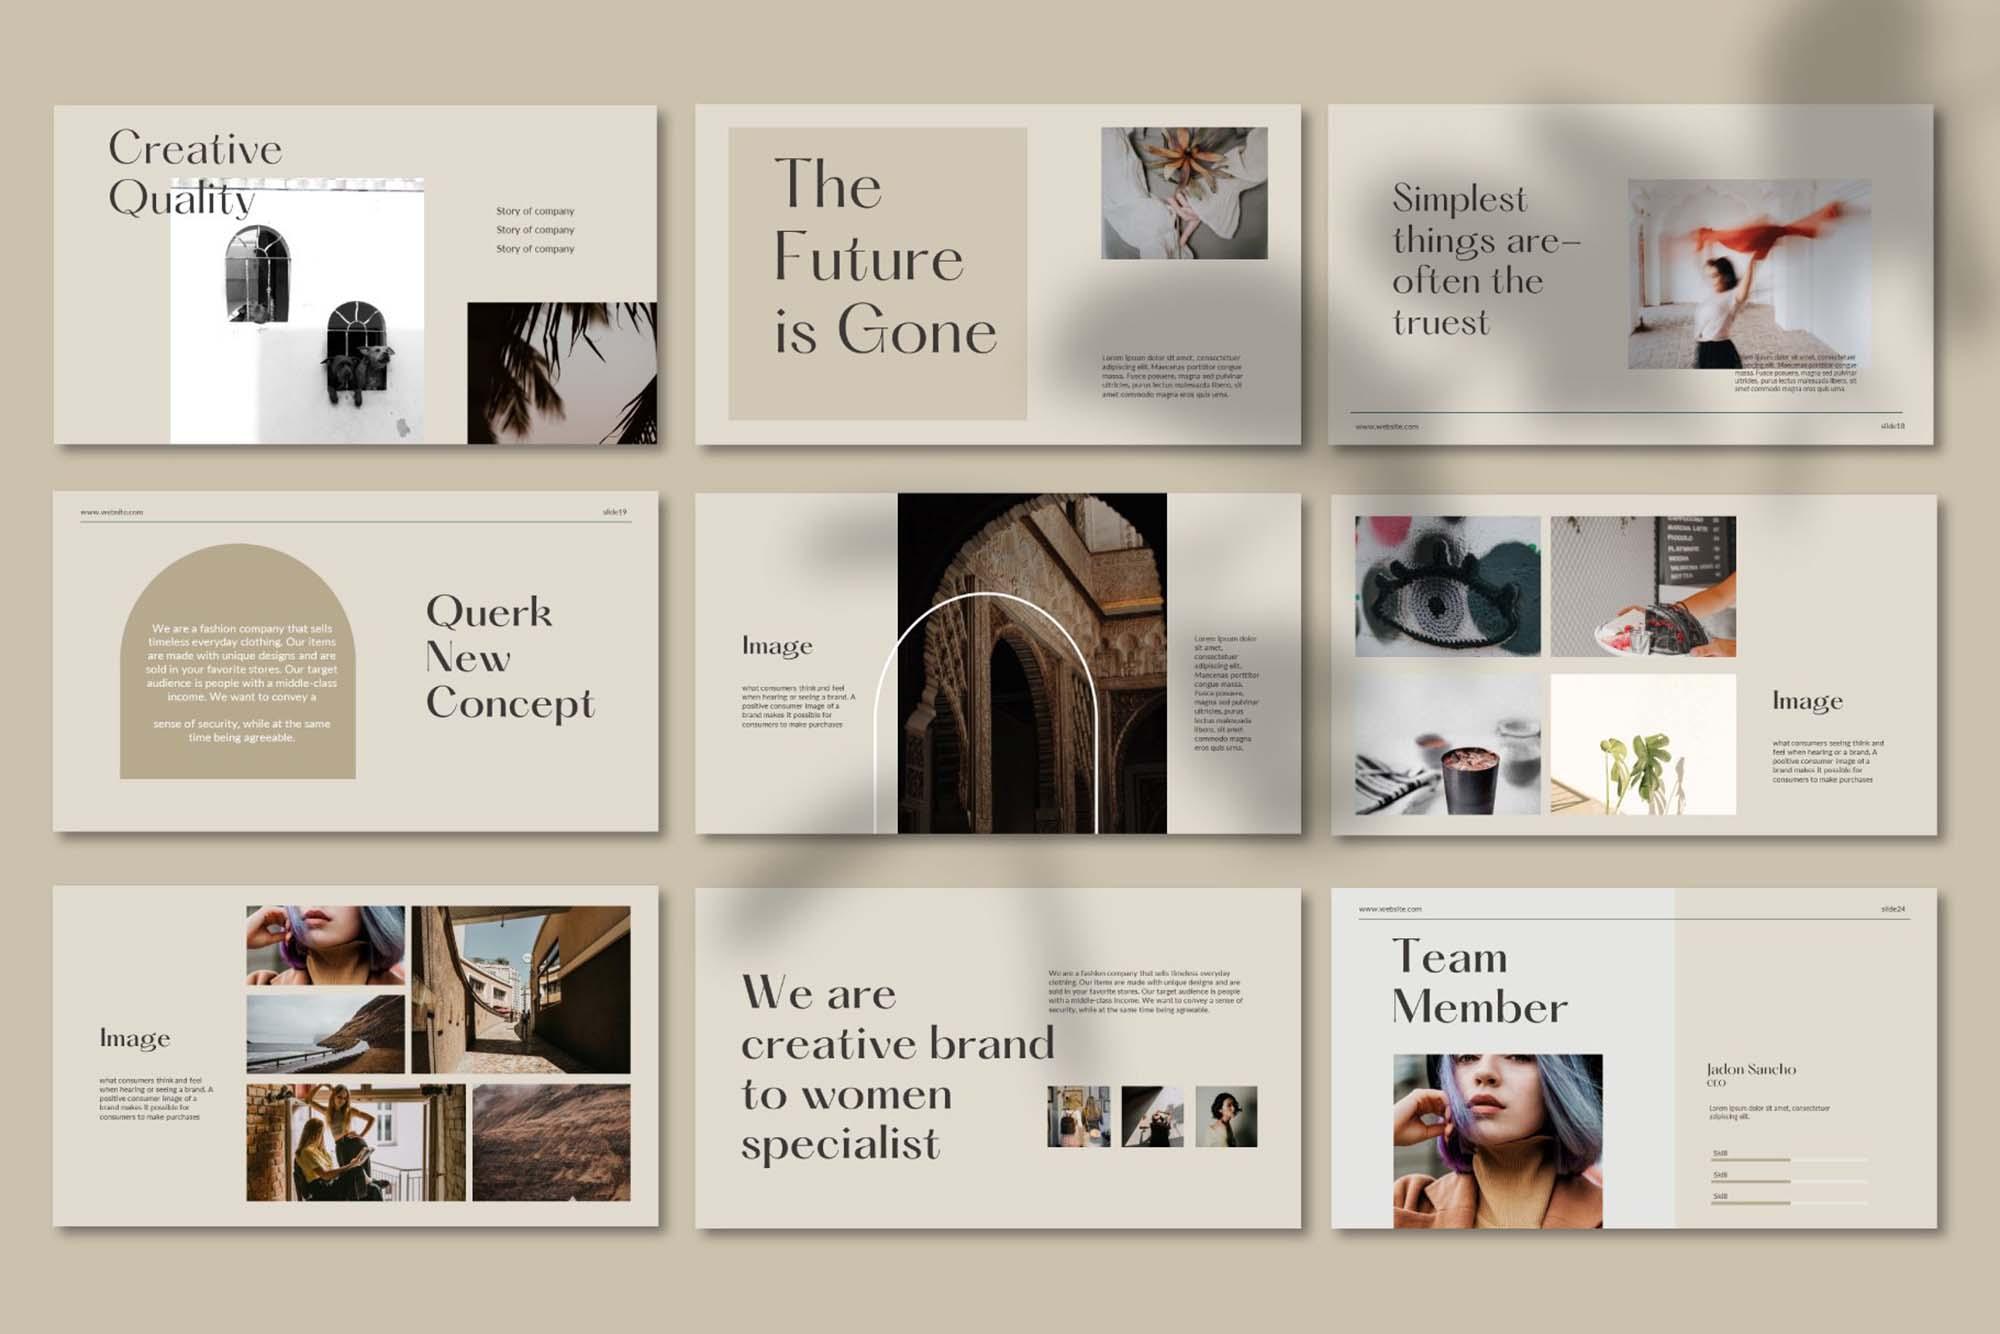 Querk Brand Presentation Template 6